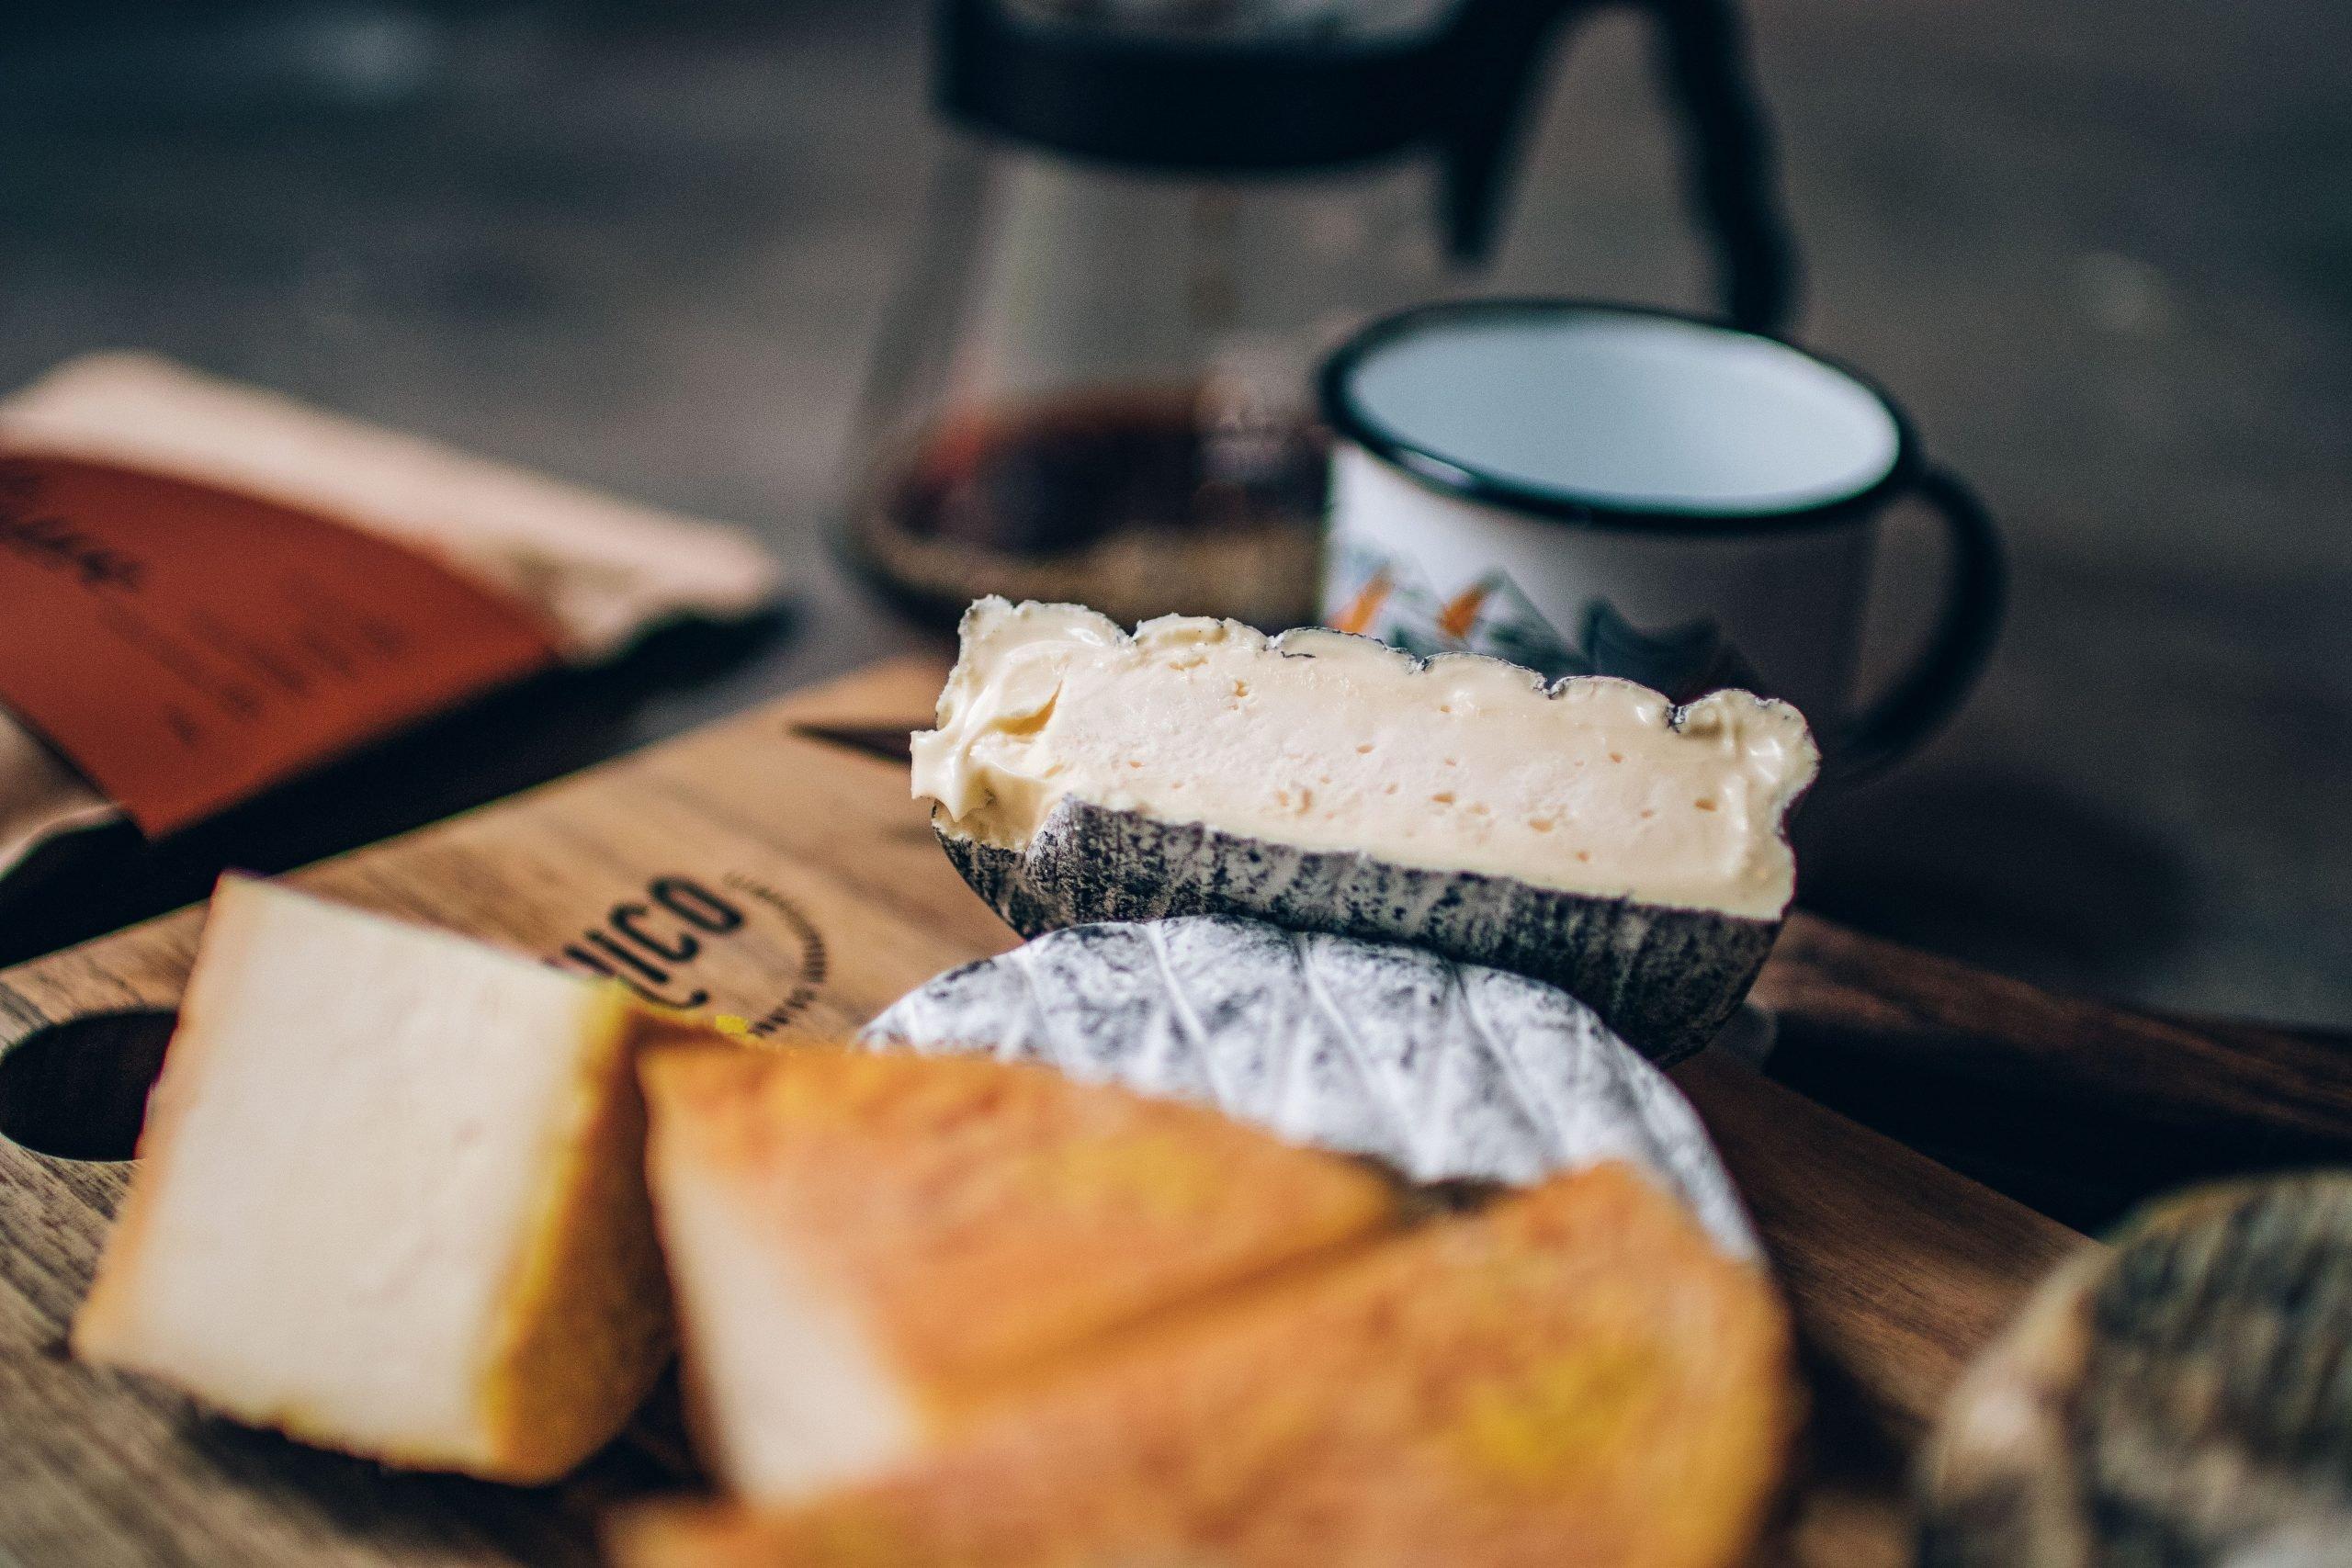 Queijos, alimentos influenciados pelo terroir como o café. disposto em uma tábua.